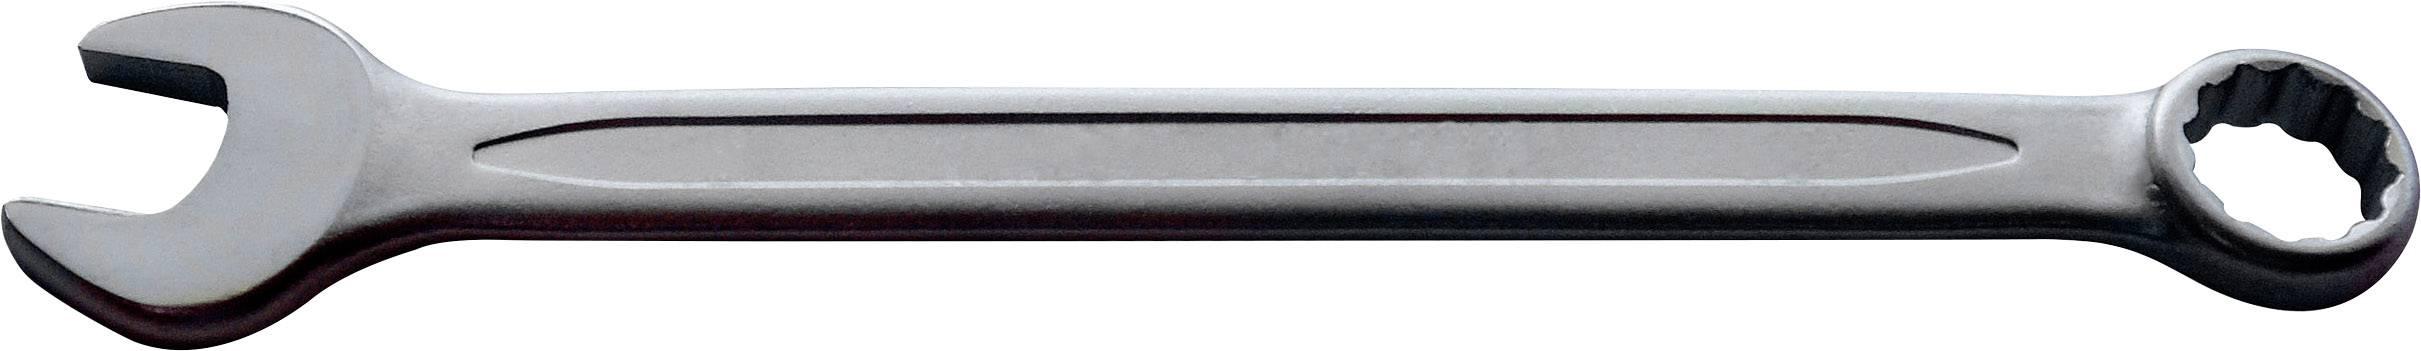 Očkoplochý kľúč TOOLCRAFT 820836, N/A, 13 mm